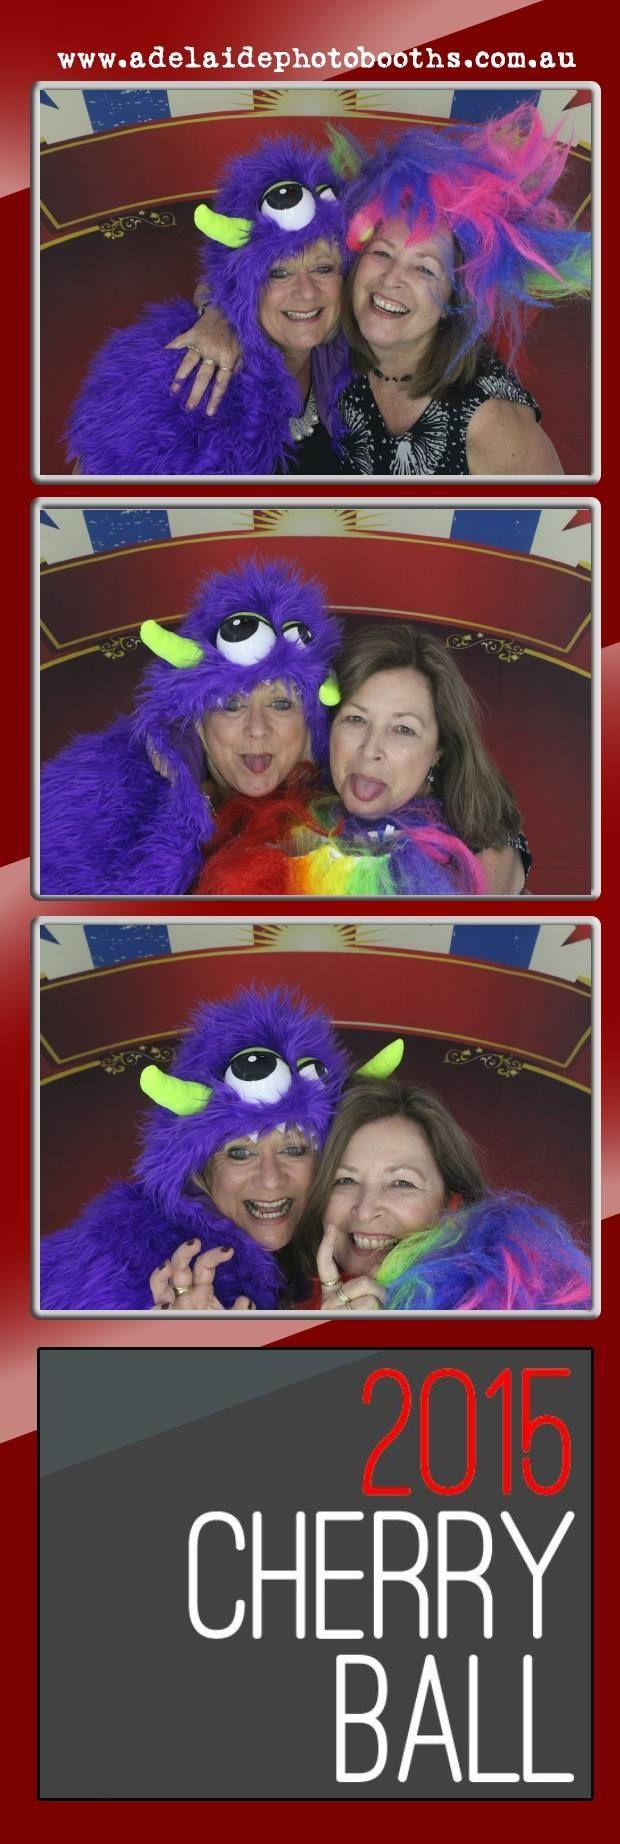 #cherryball2015 #adelaidephotobooths #photoboothsadelaide #ohsnap #monsterlove